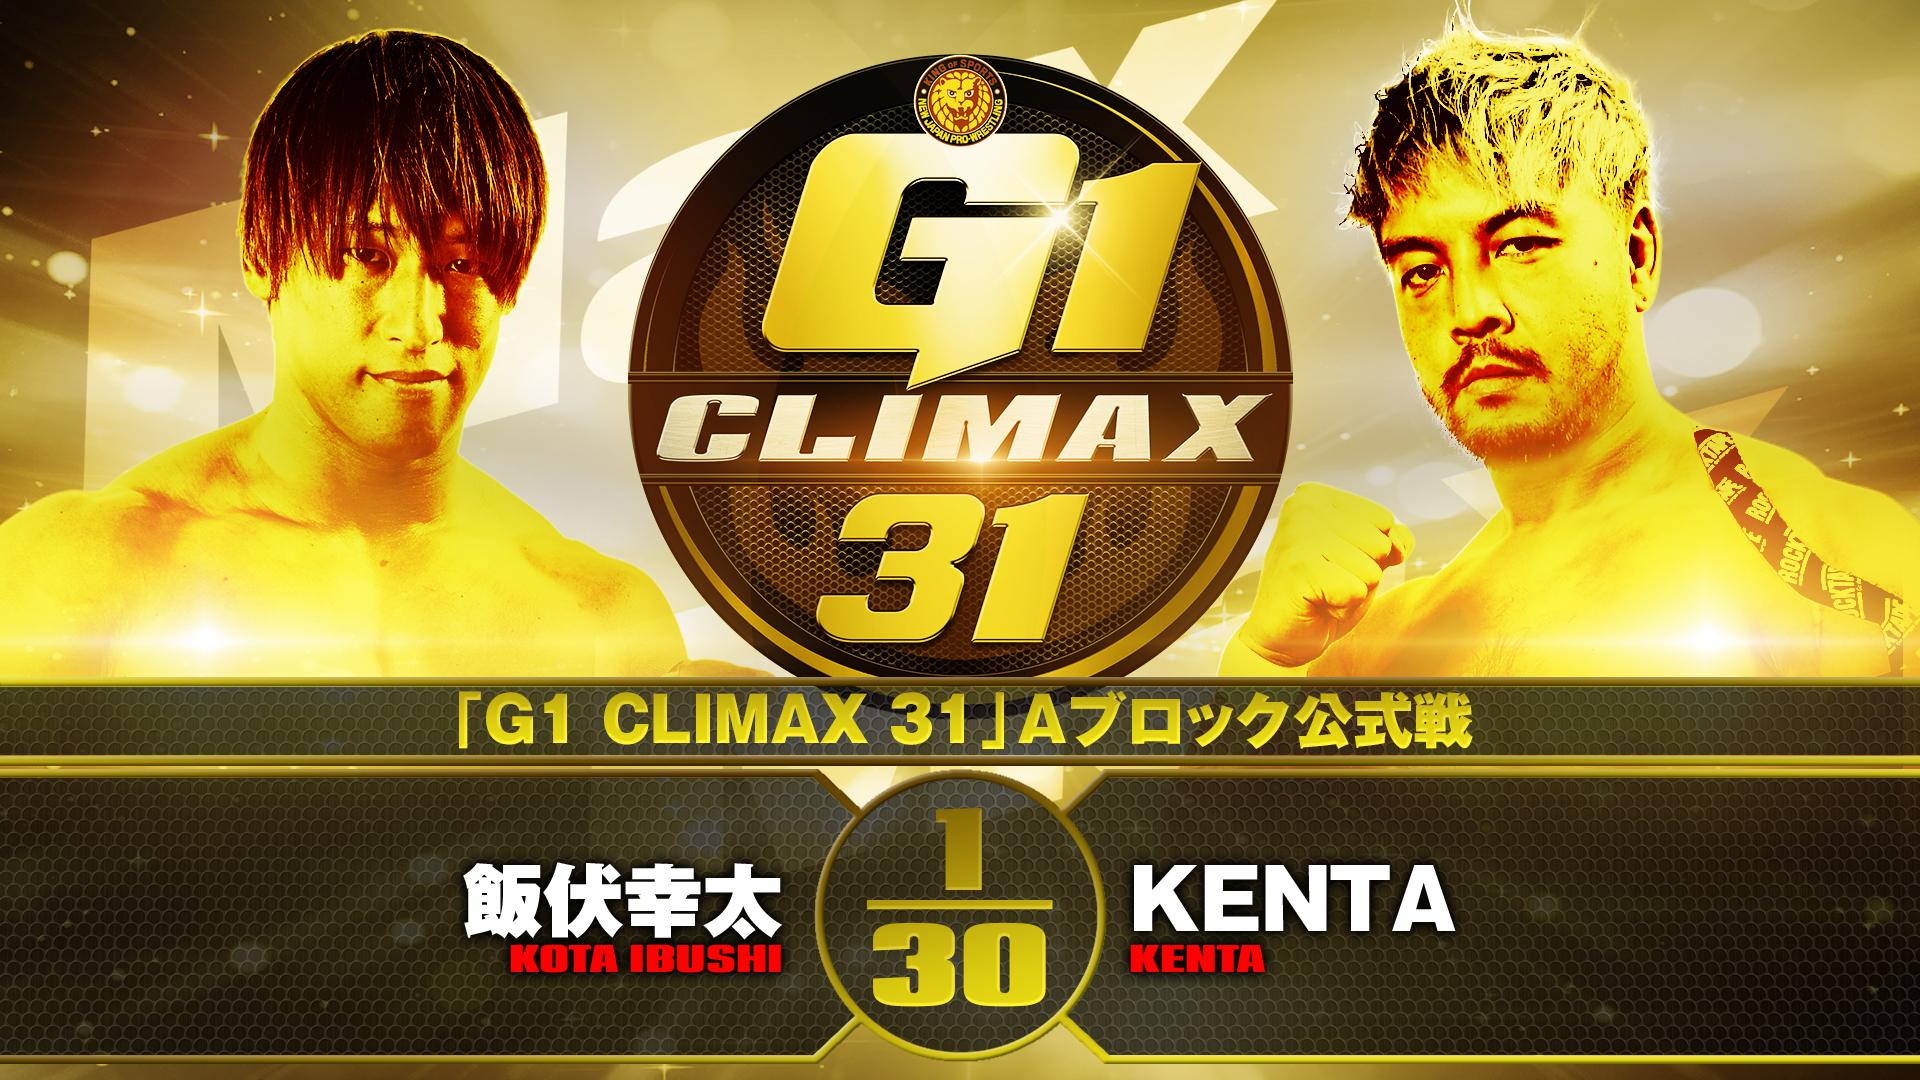 【第5試合】結果速報!新日本プロレス 2021年10月18日『G1 CLIMAX 31』